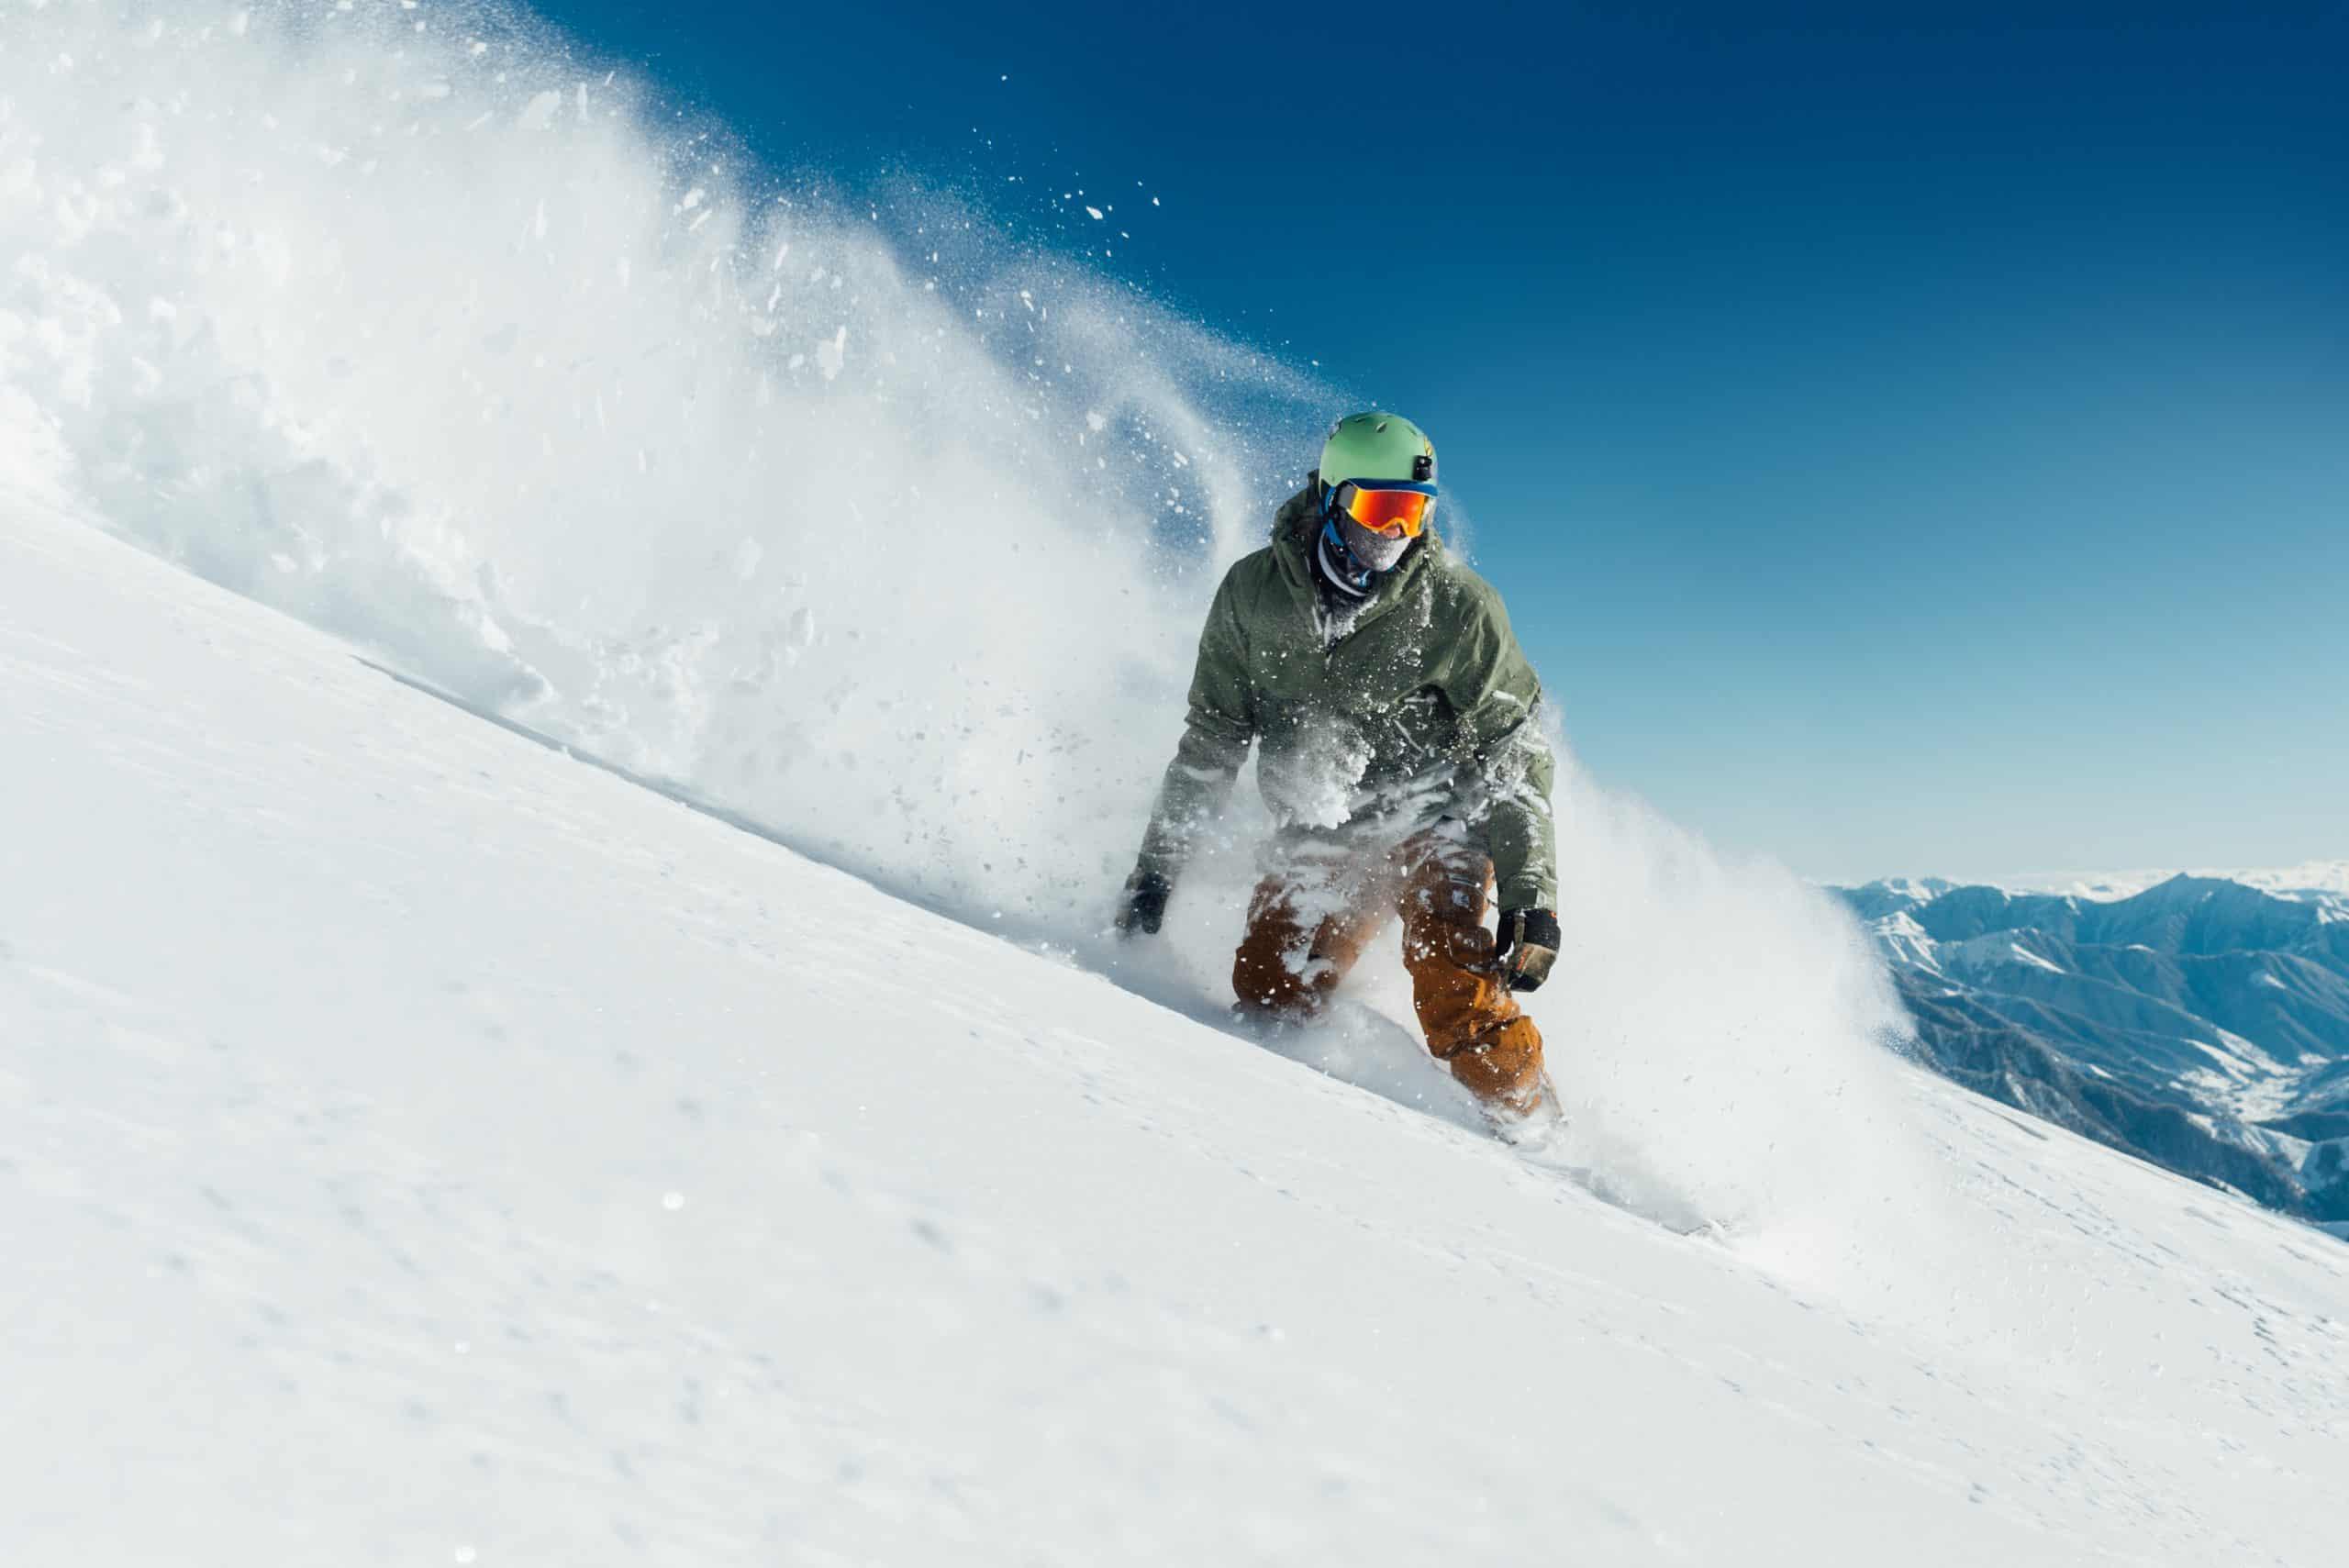 Un snowboarder masculin courbe et freine en pulvérisant de la neige profonde